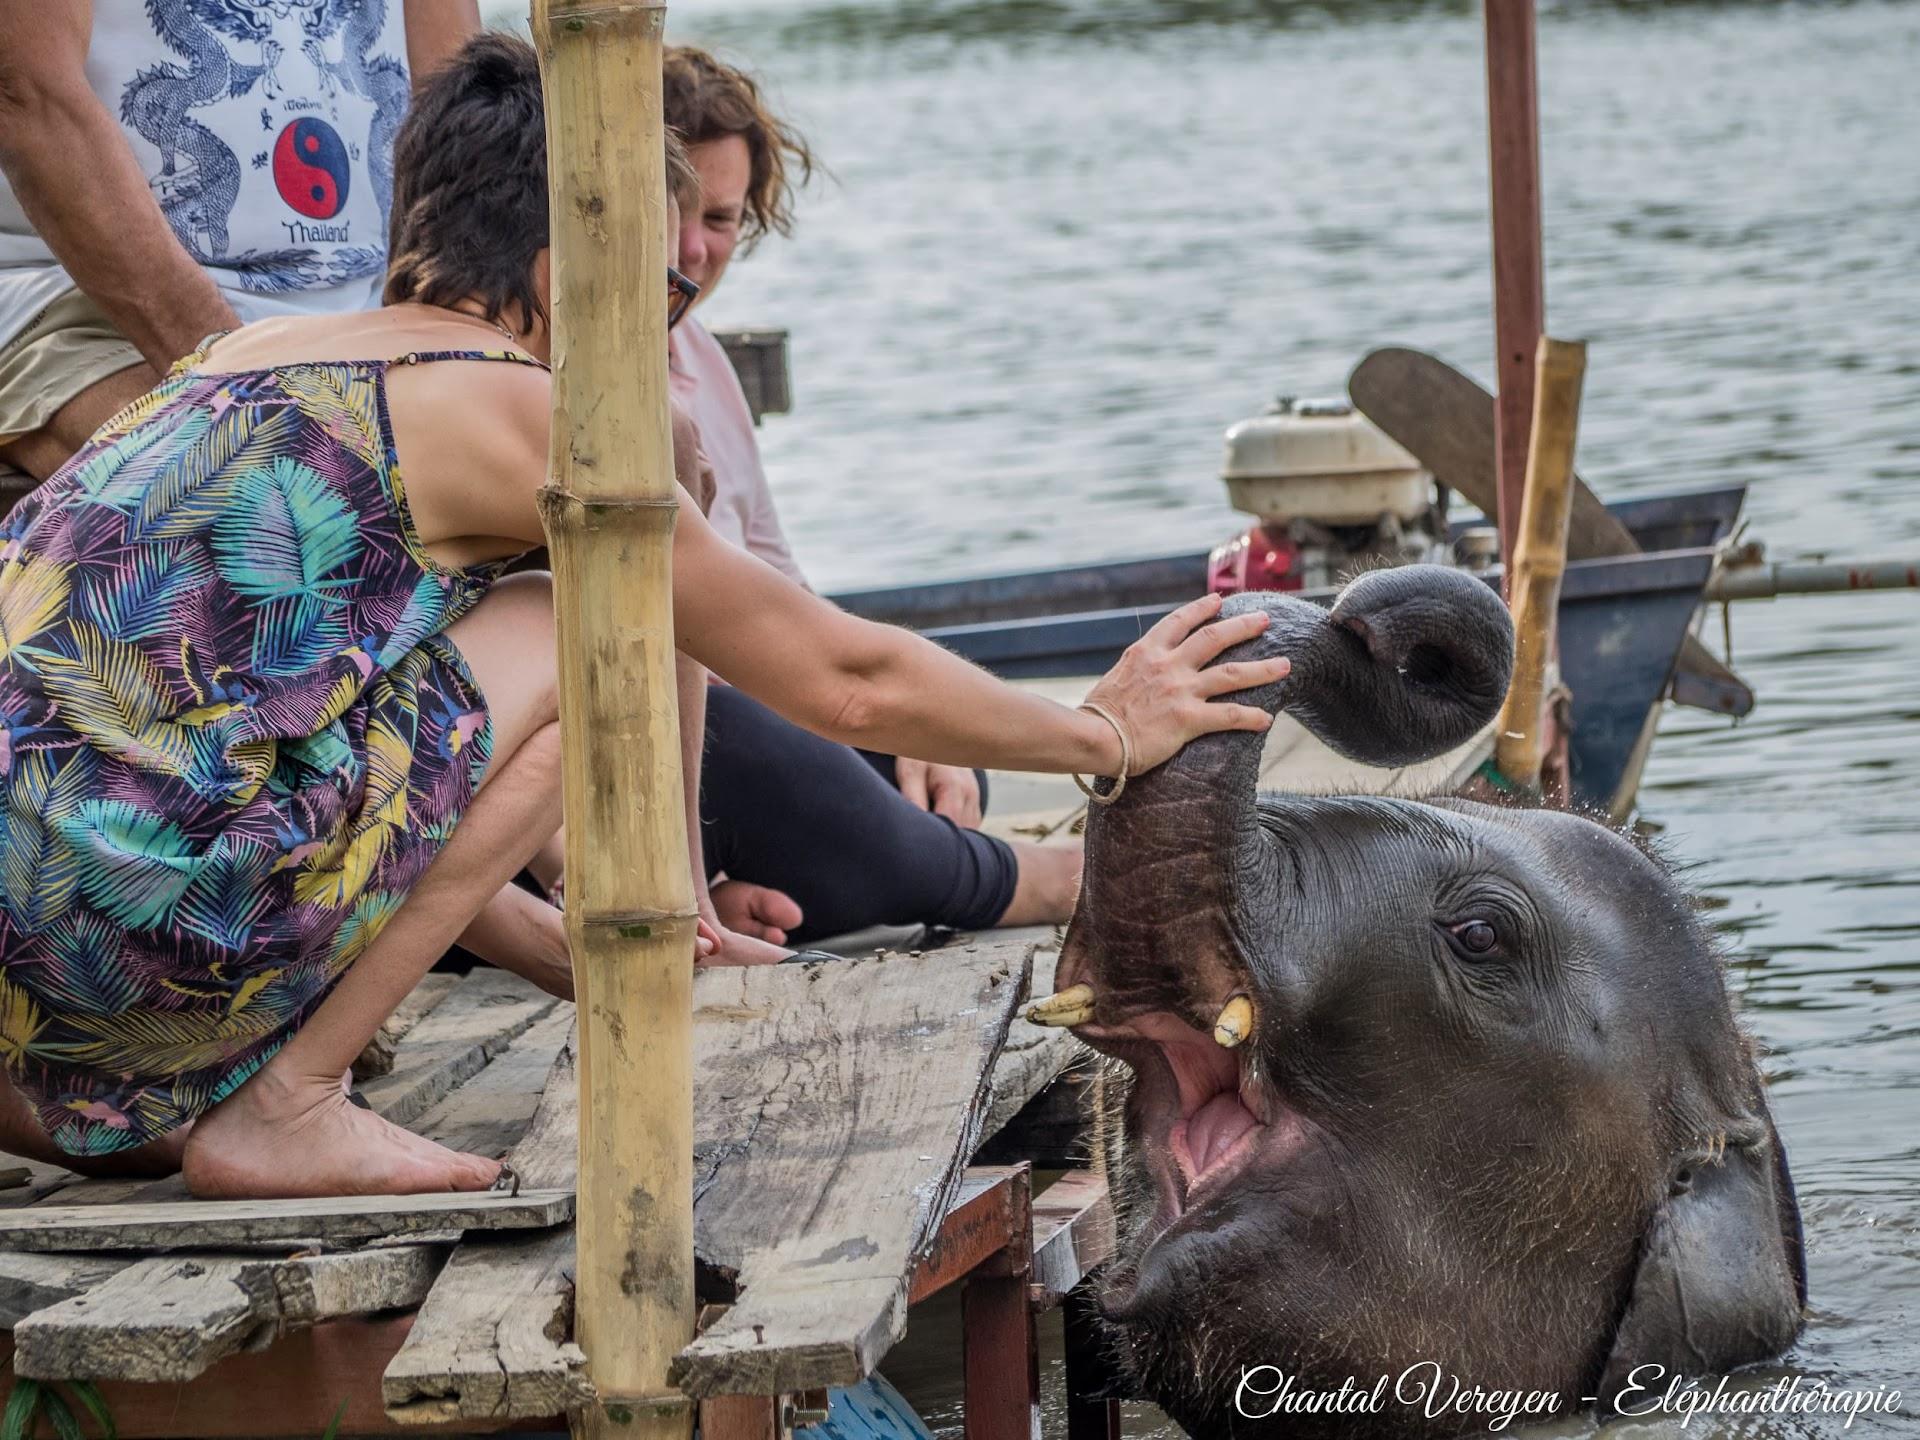 ChiangRaï,BaanMama,Staged'éléphanthérapieChantalVereyen